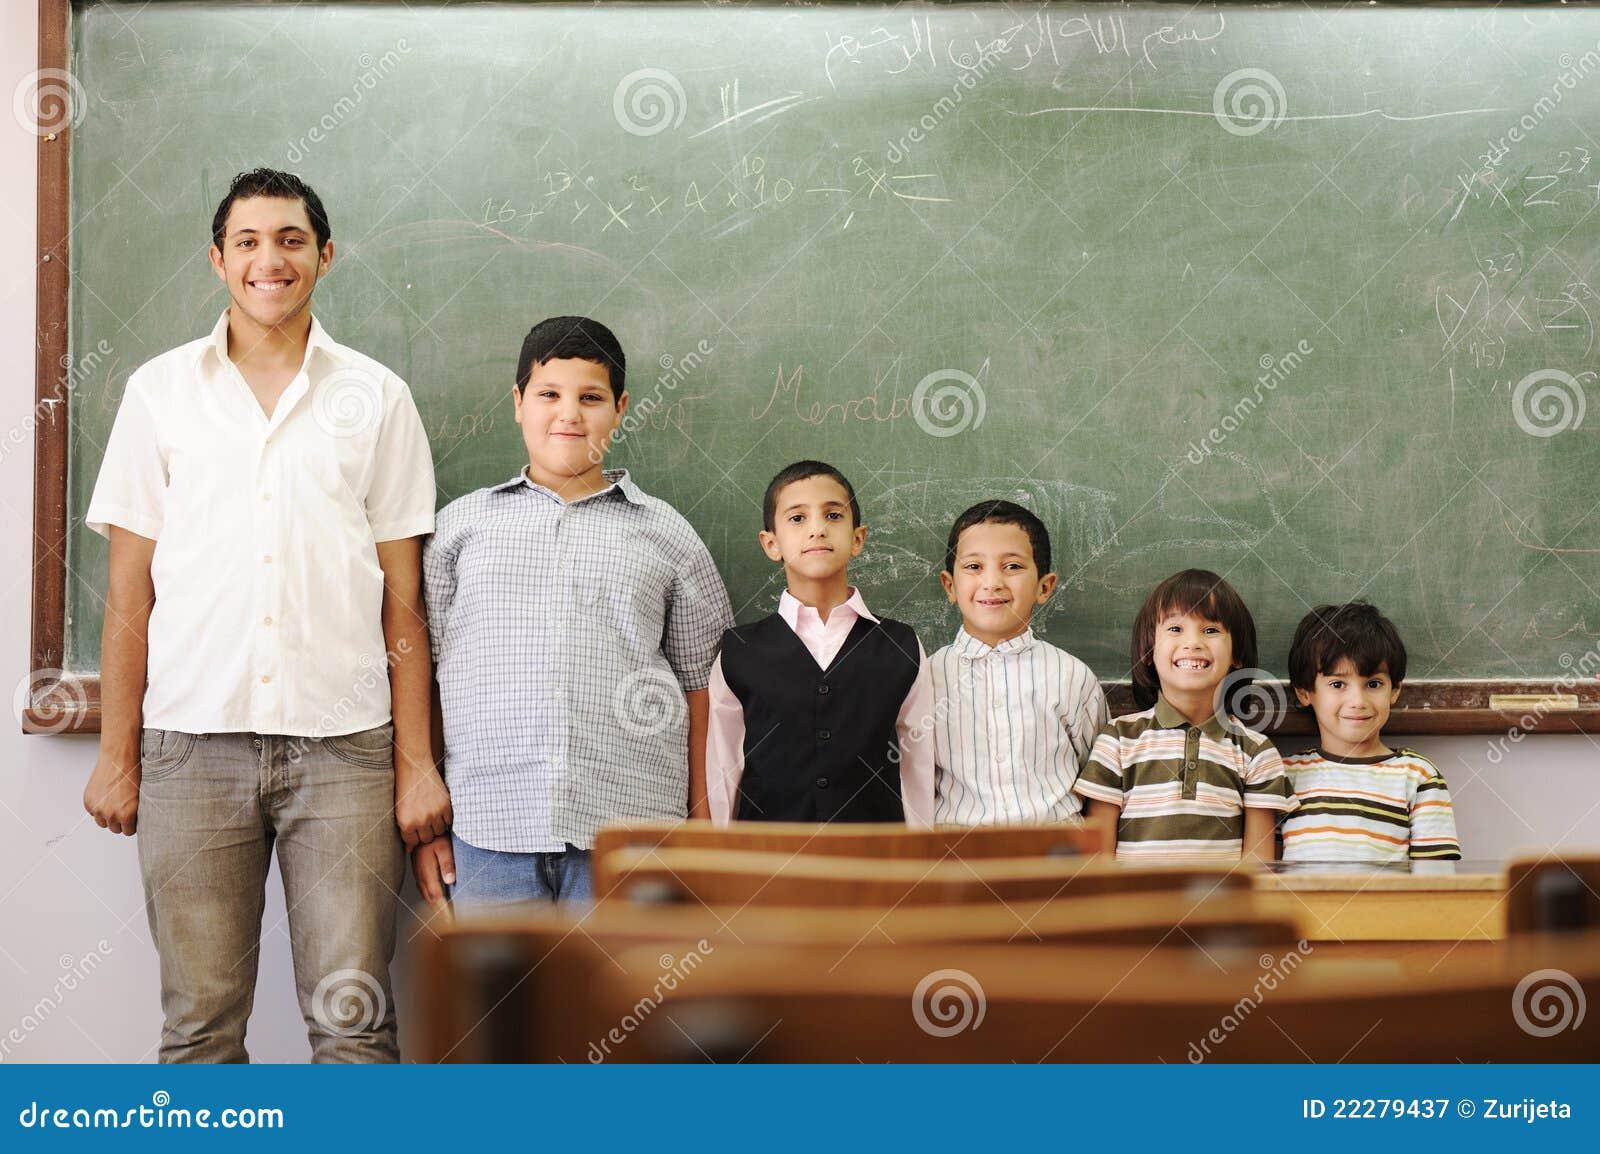 Children in school, from kindergarten, preschool